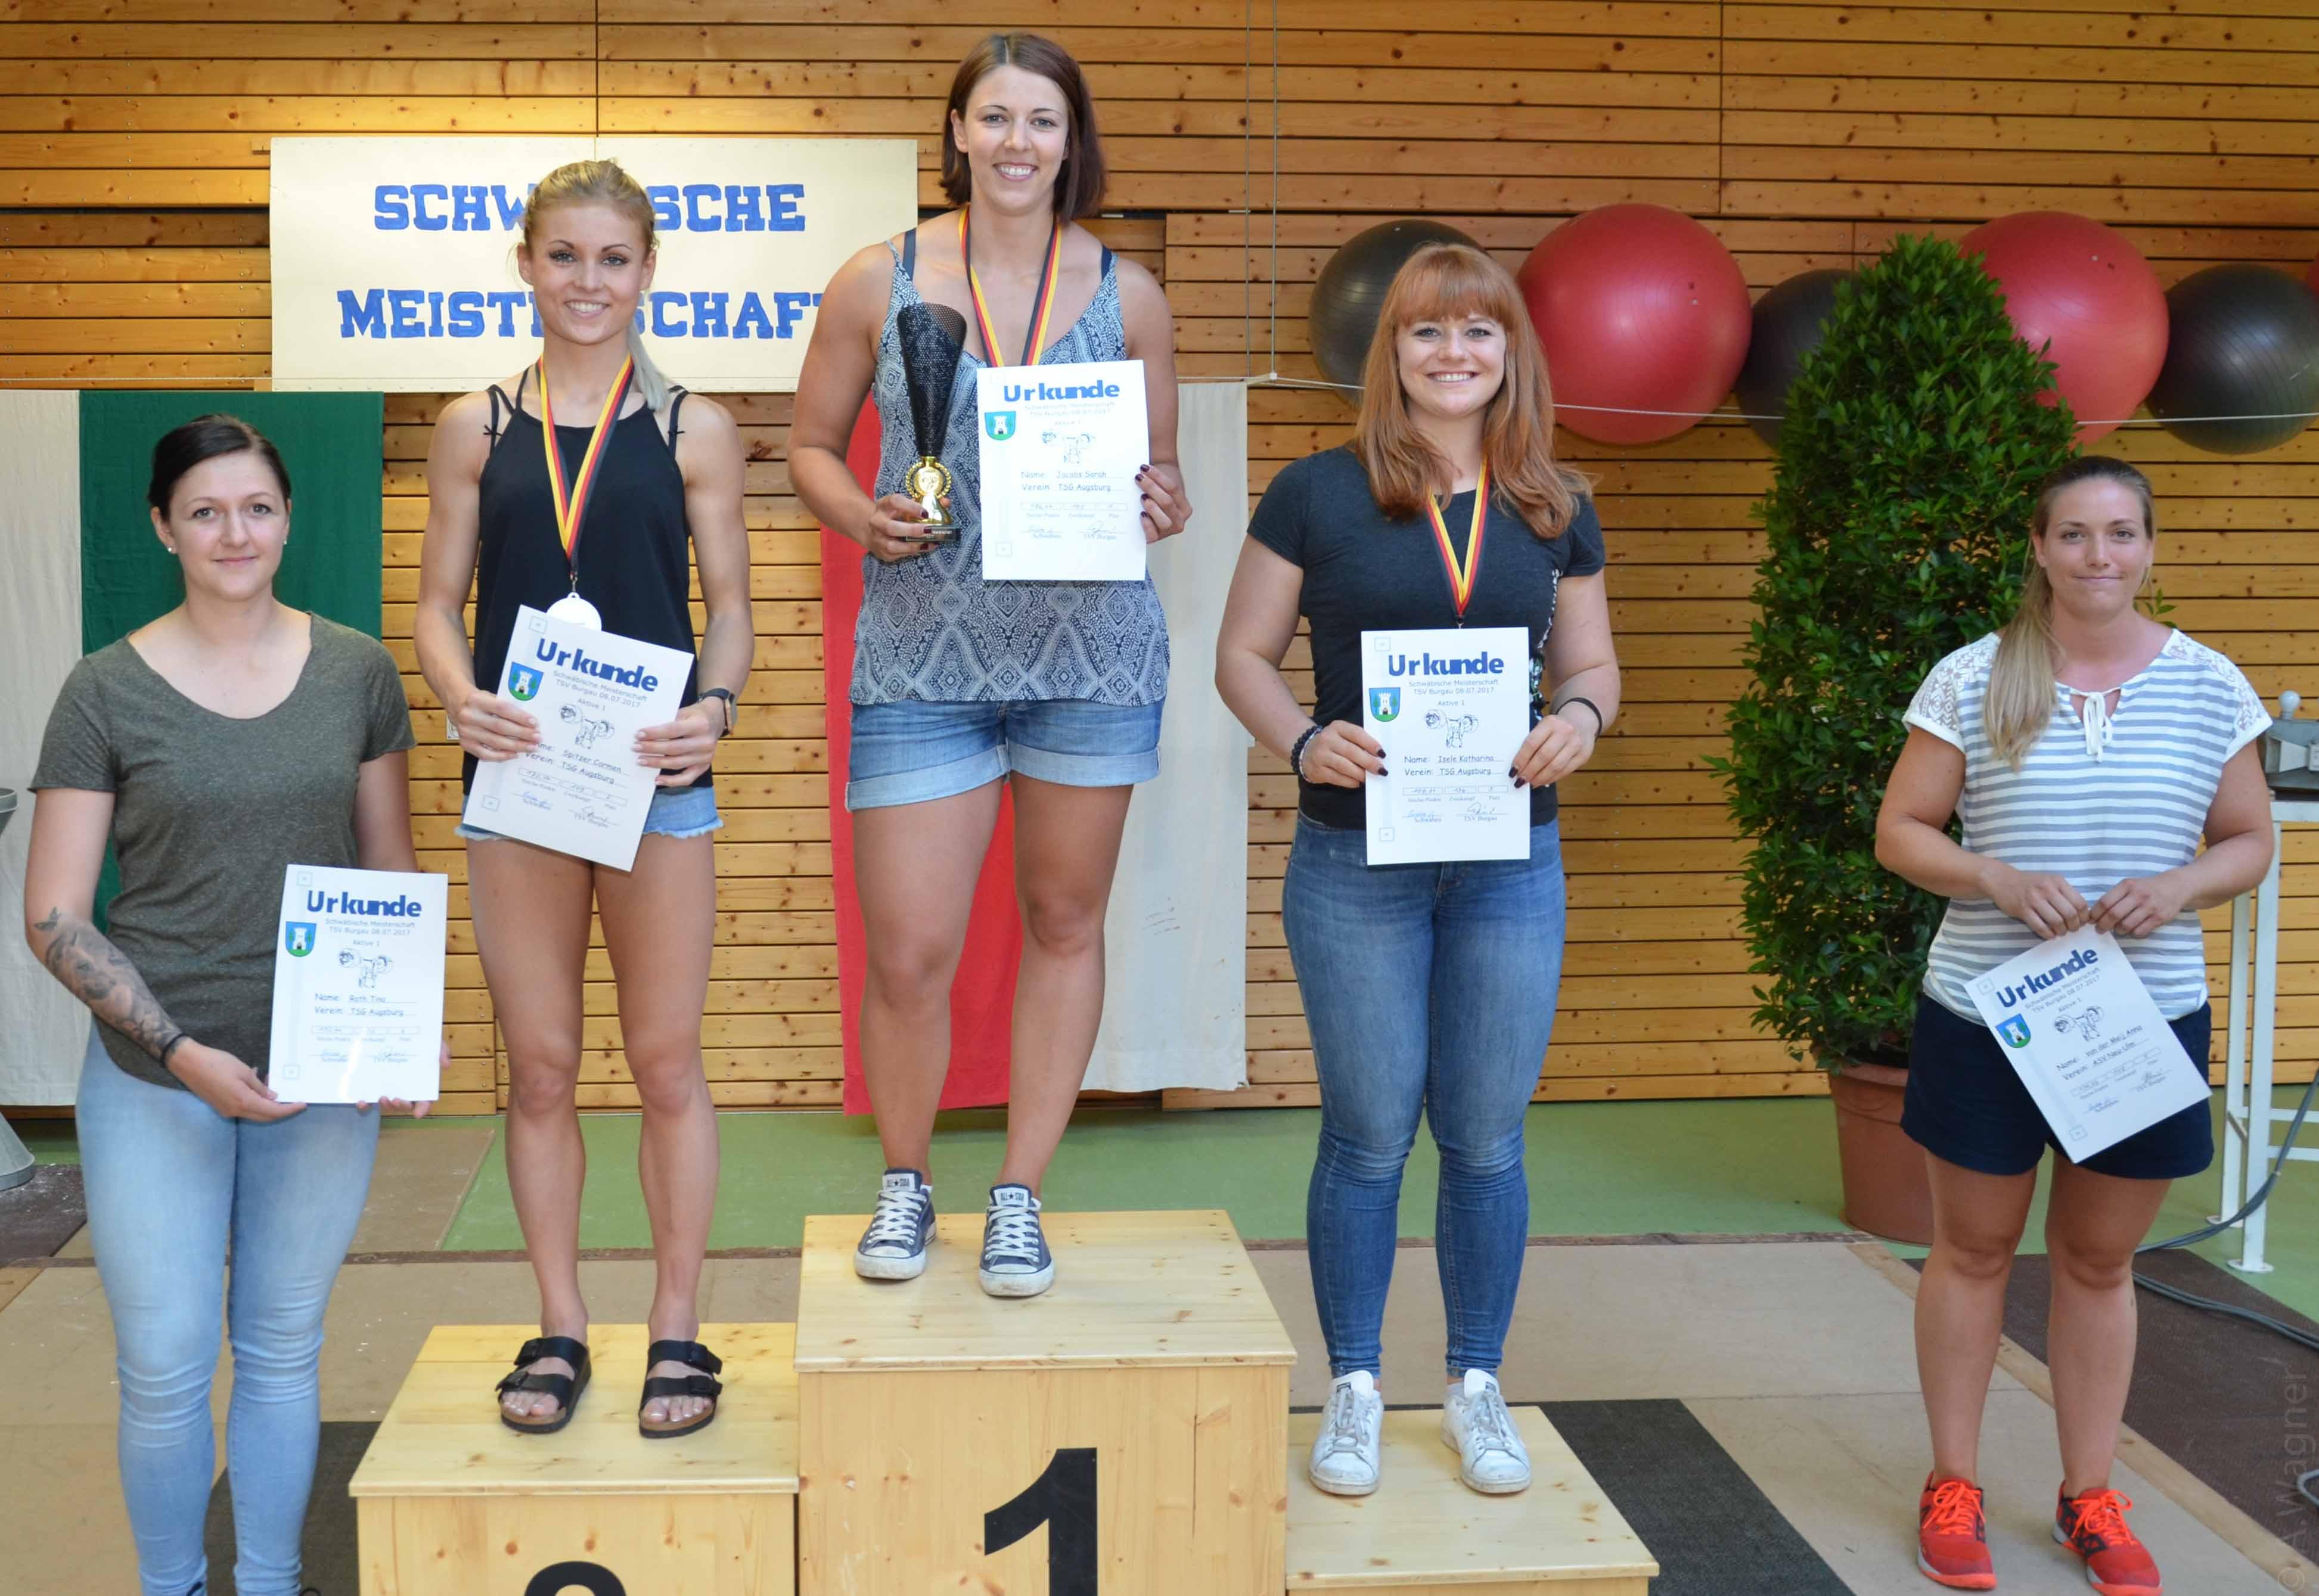 Schwäbische_Meisterschaft_2017__(35_von_55)